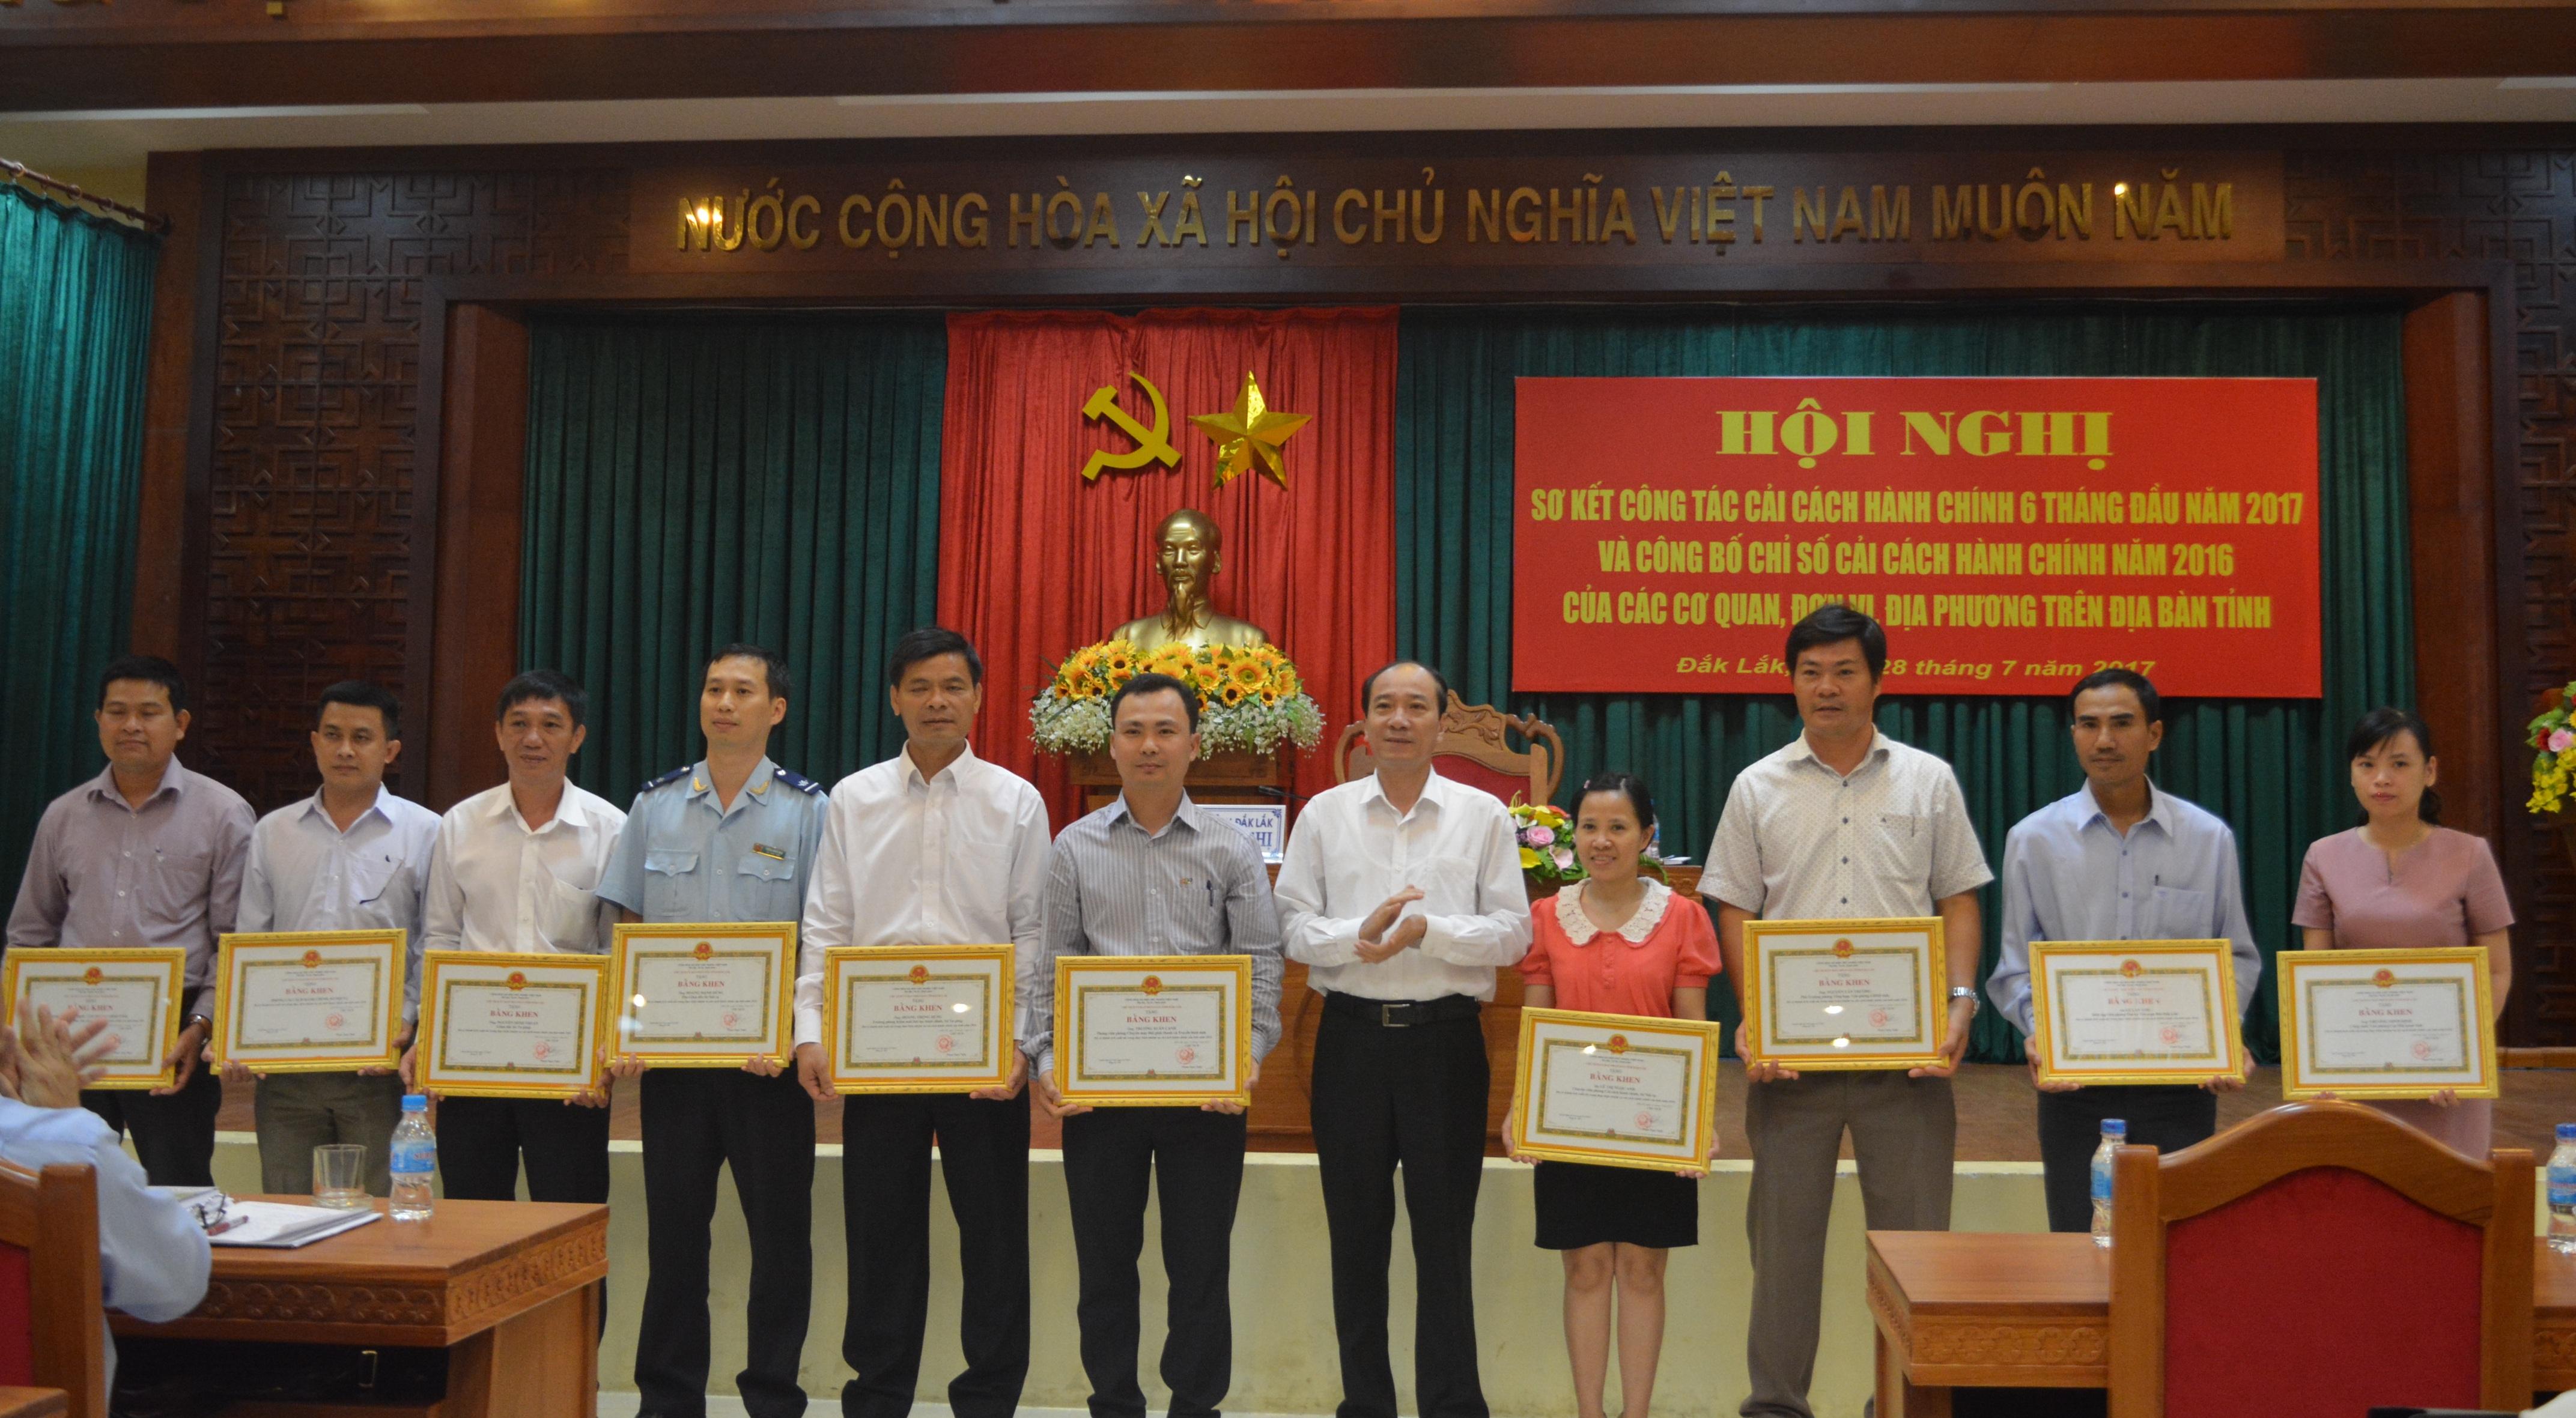 Đắk Lắk công bố chỉ số cải cách hành chính năm 2016